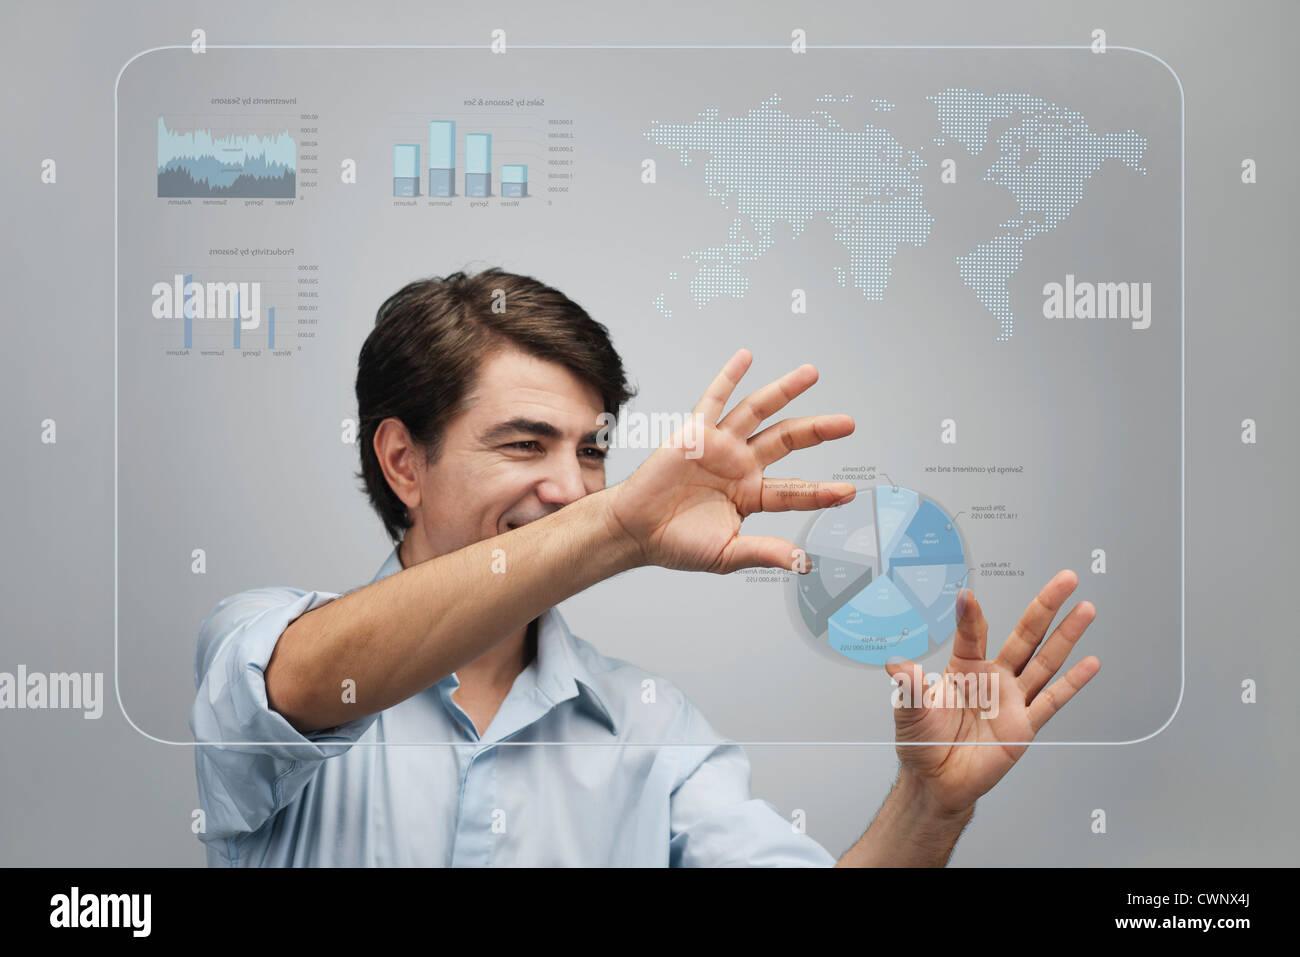 Imprenditore utilizzando l'avanzata tecnologia touch screen per visualizzare i dati delle vendite Immagini Stock